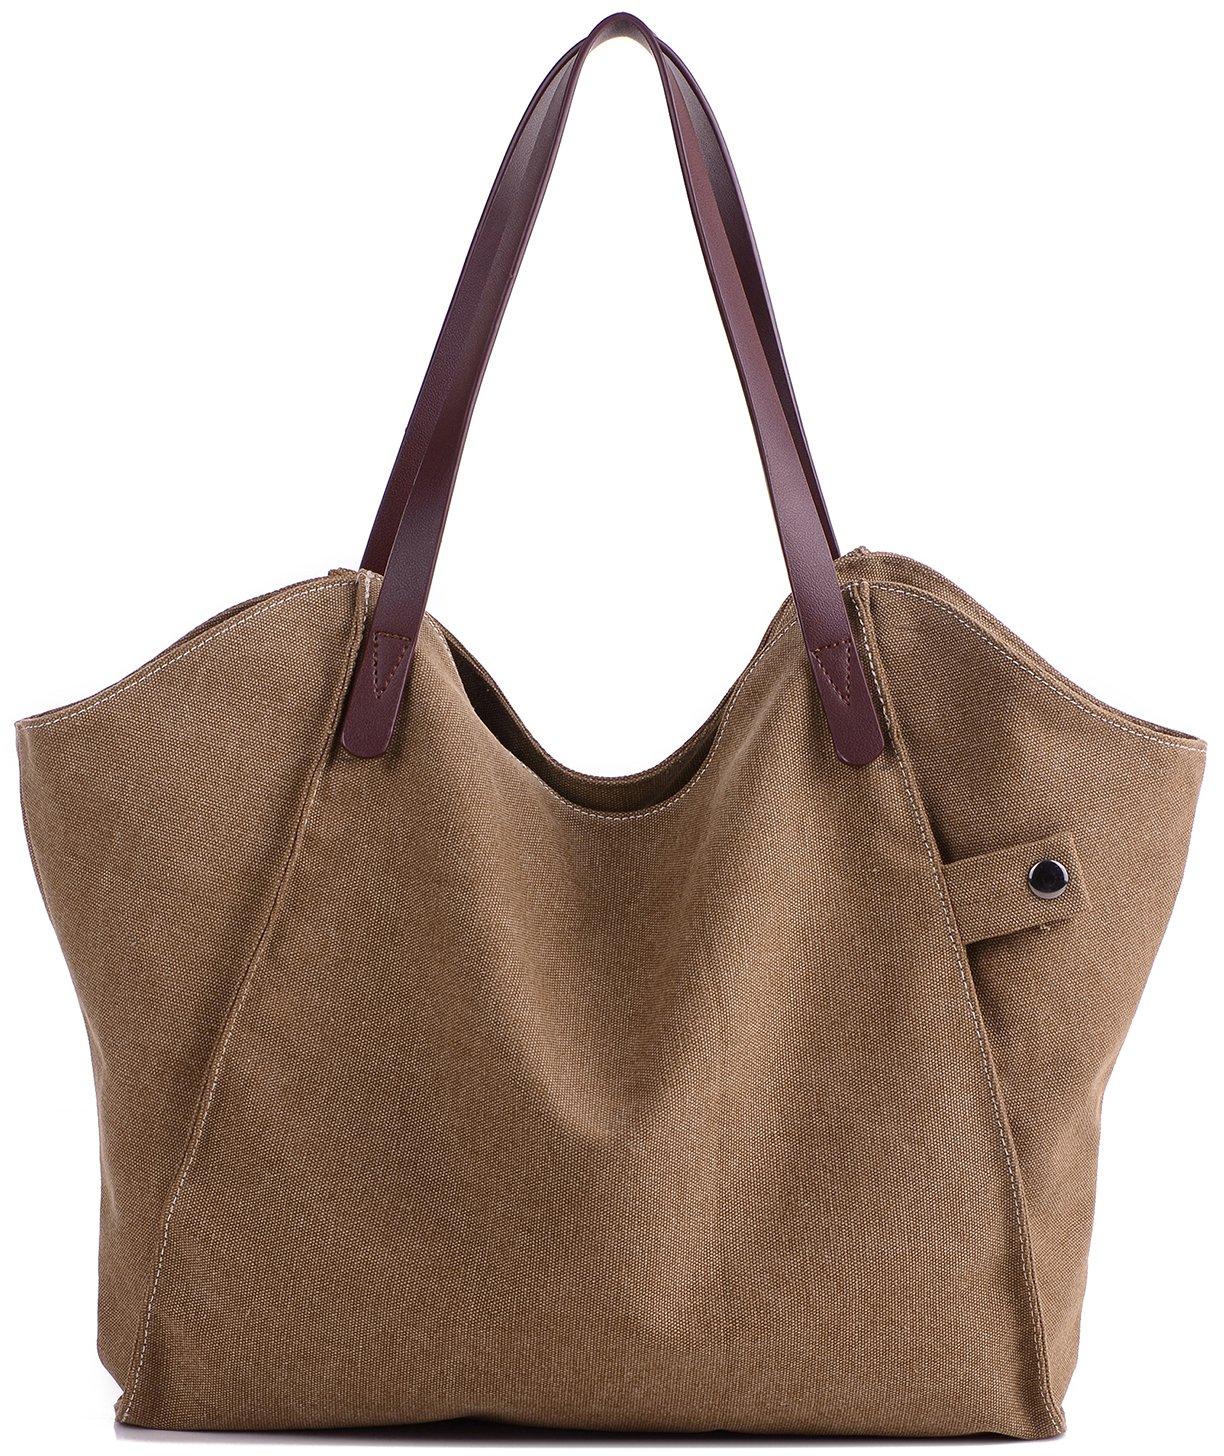 Damen Leinwand Handtasche Umhängetasche Tasche Shopper Henkeltasche aus Canvas Blau SMTA004A03